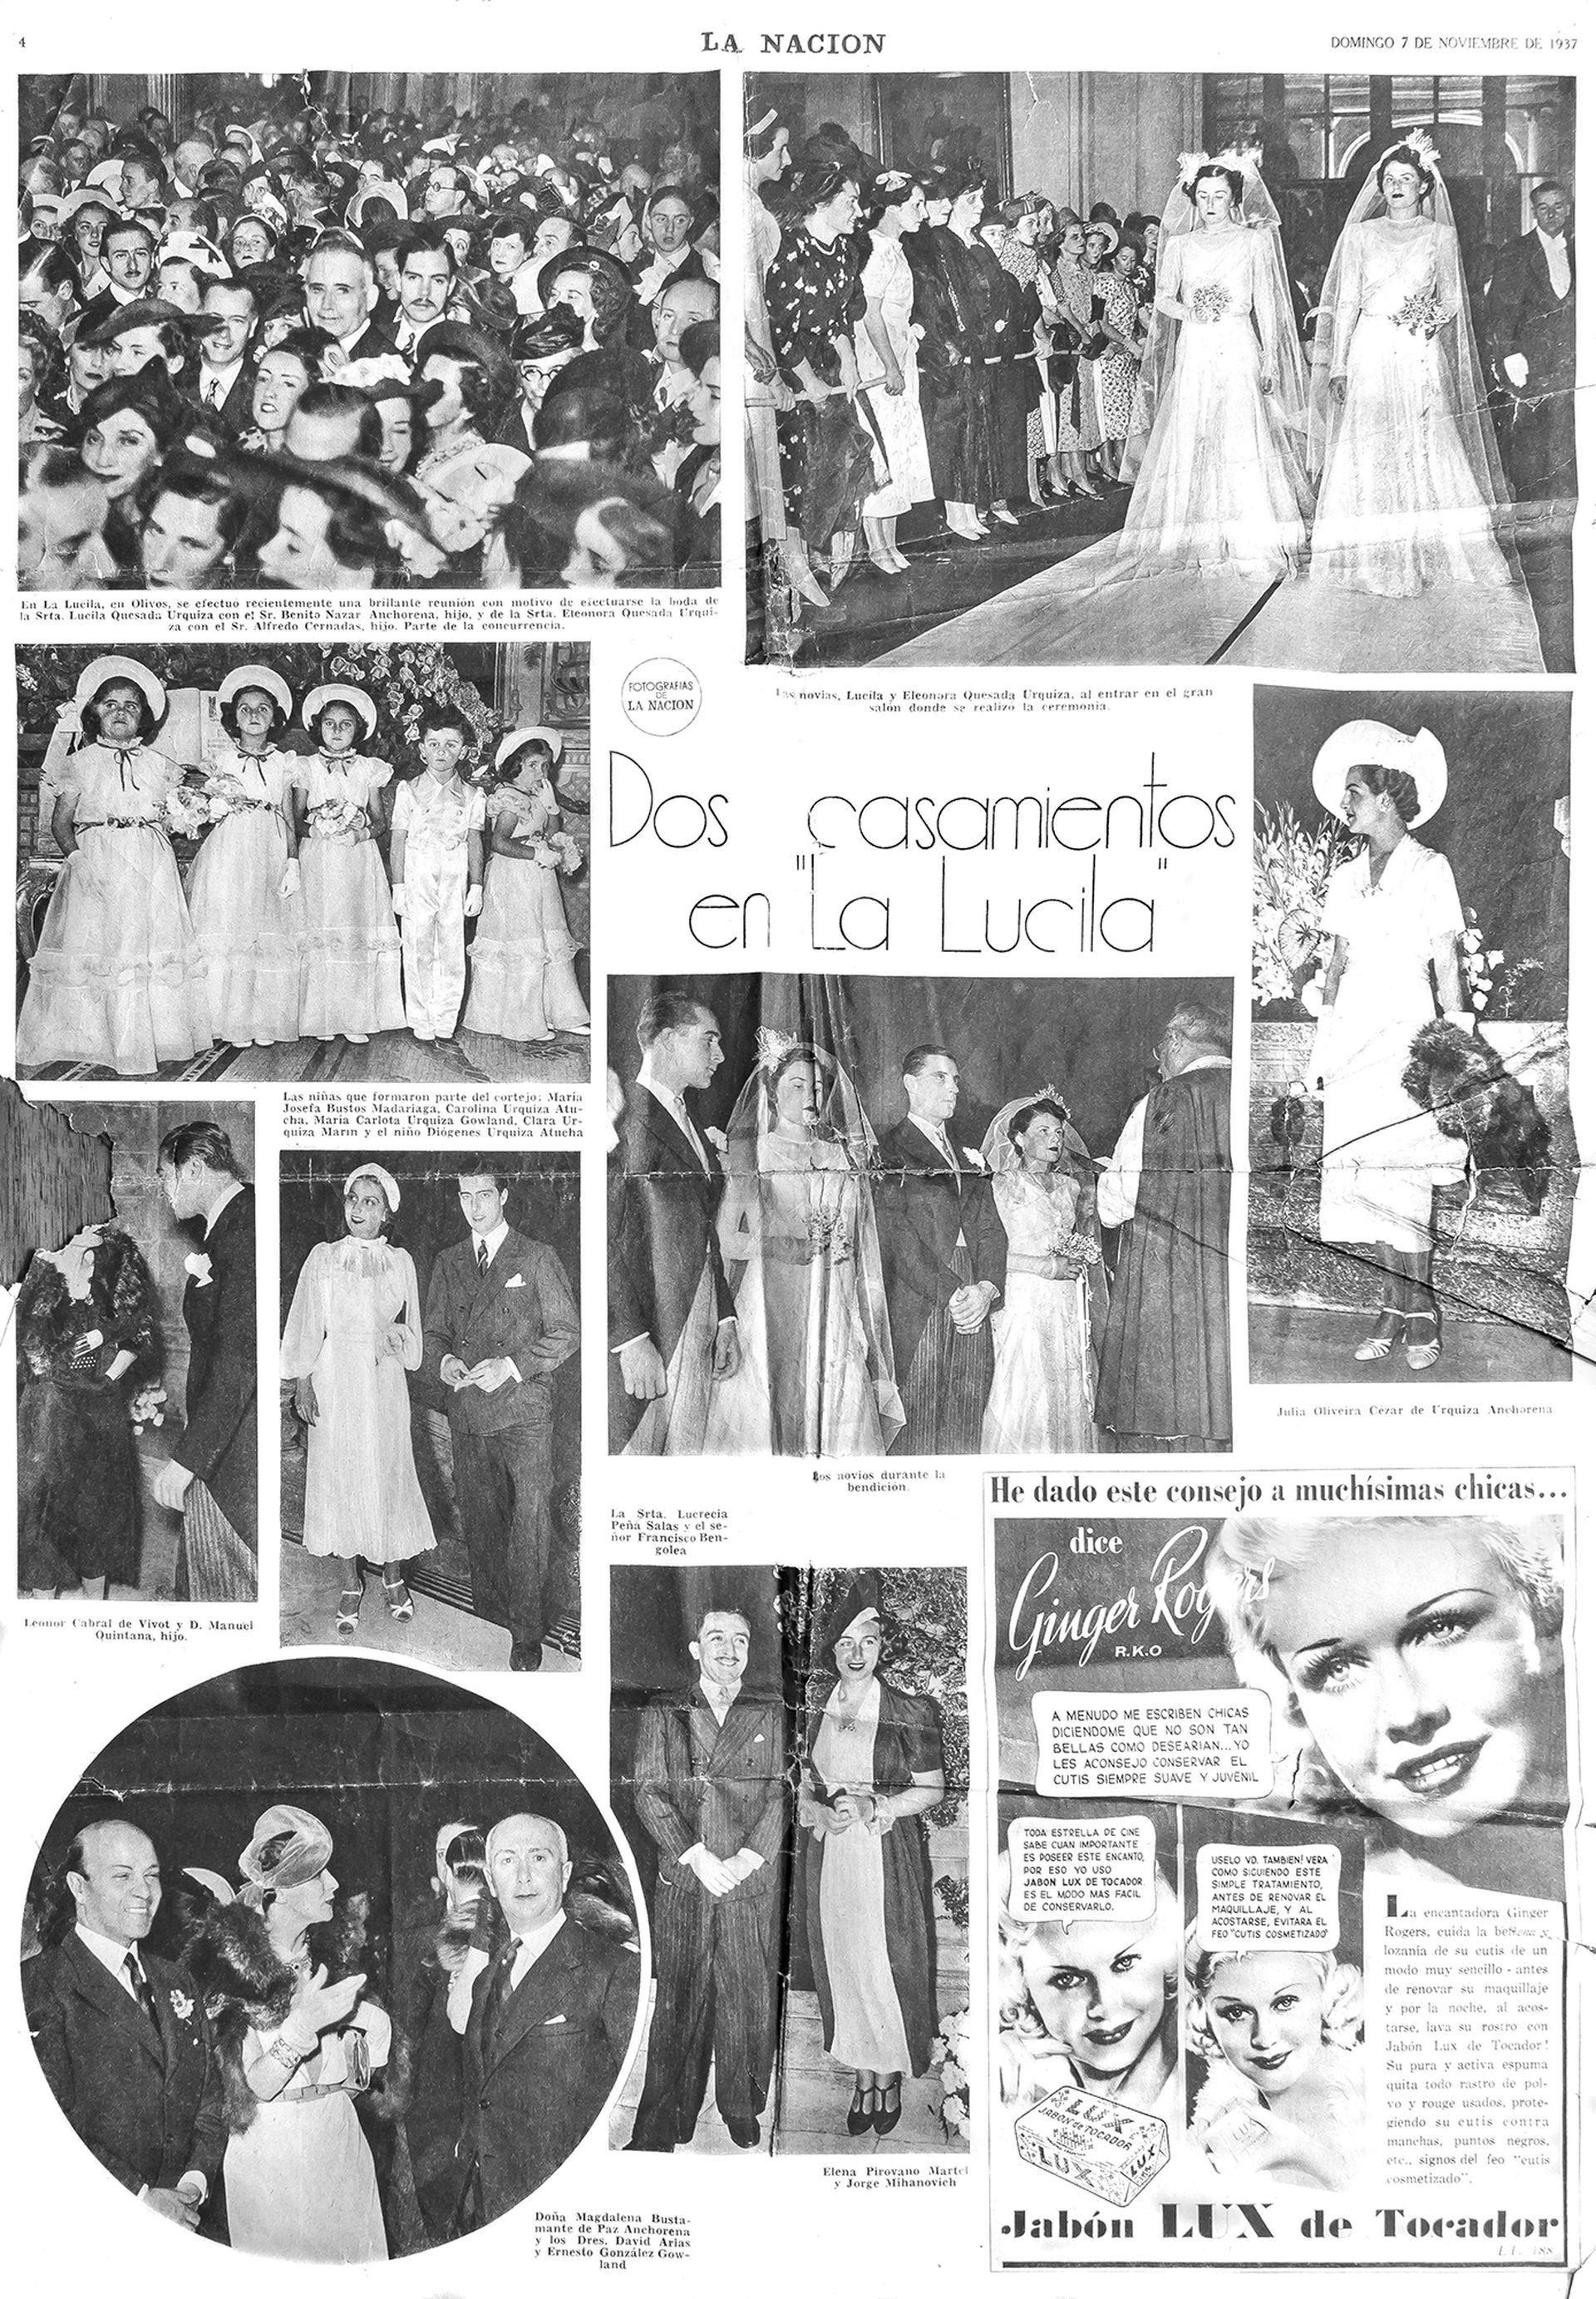 Casamiento doble en La Lucila de las hermanas Lucila y Eleonora Quesada Urquiza con Benito Nazar Anchorena y Alfredo Cernadas, el 31 de octubre de 1937. Fue todo un acontecimiento social. El altar estaba todo hecho de claveles blancos.